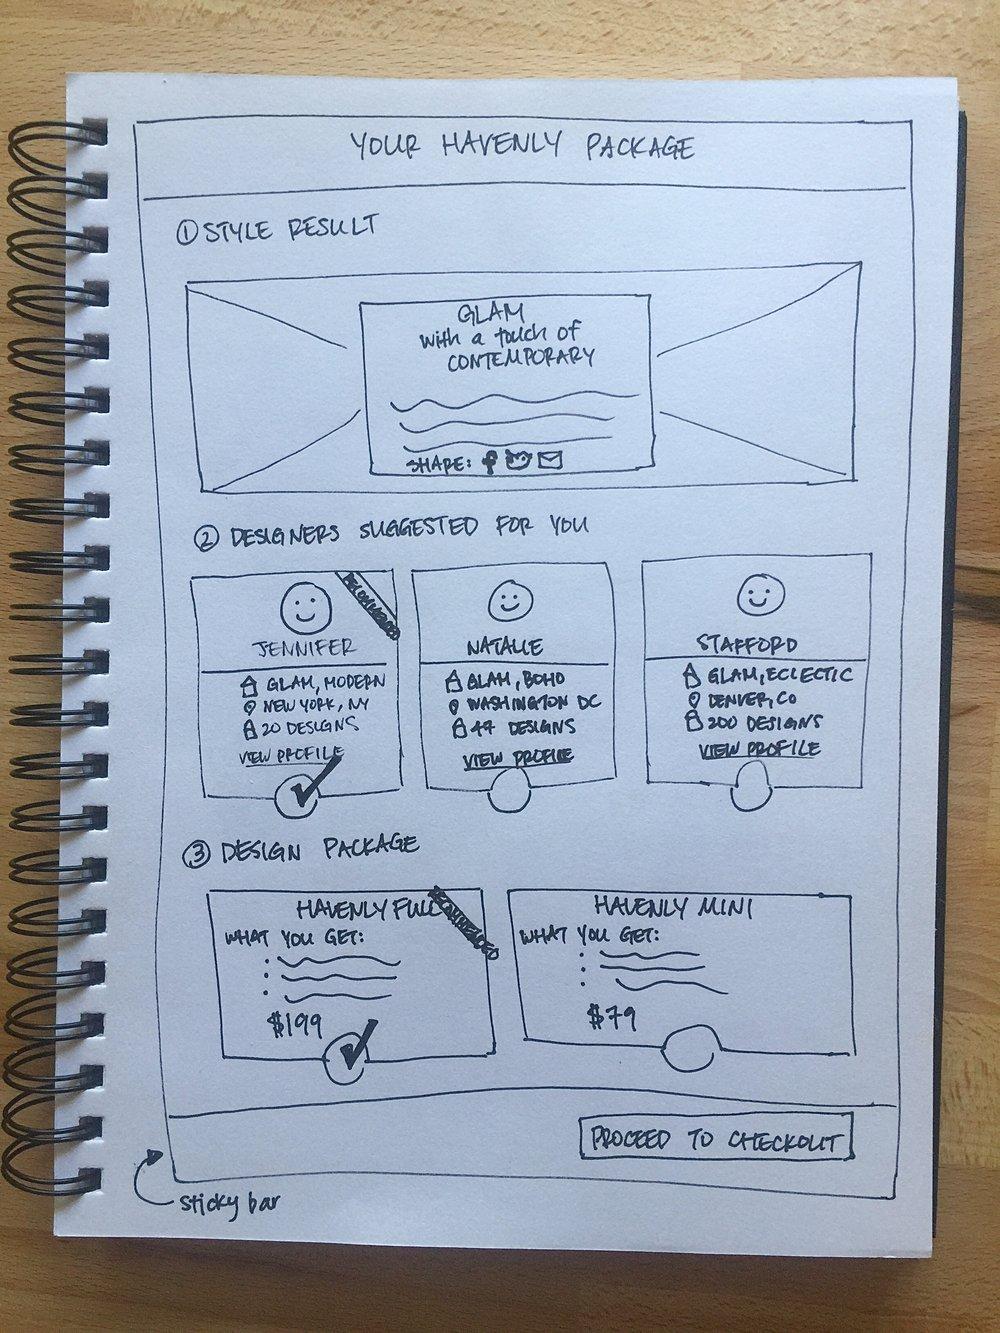 A high-level sketch of Package Builder V1